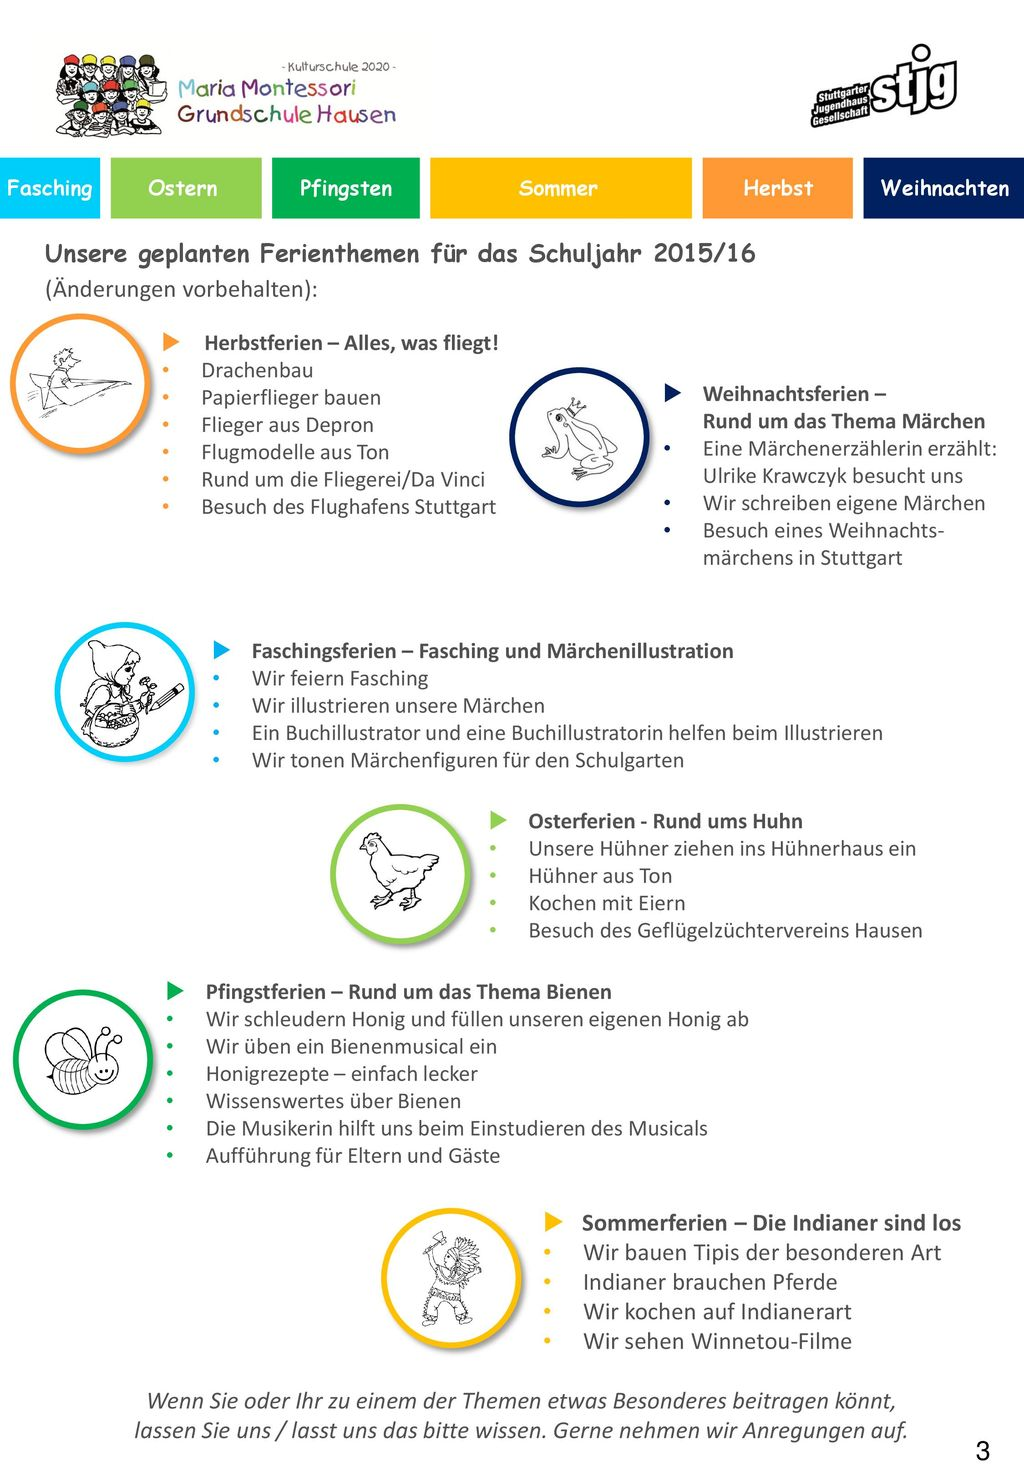  Unsere geplanten Ferienthemen für das Schuljahr 2015/16